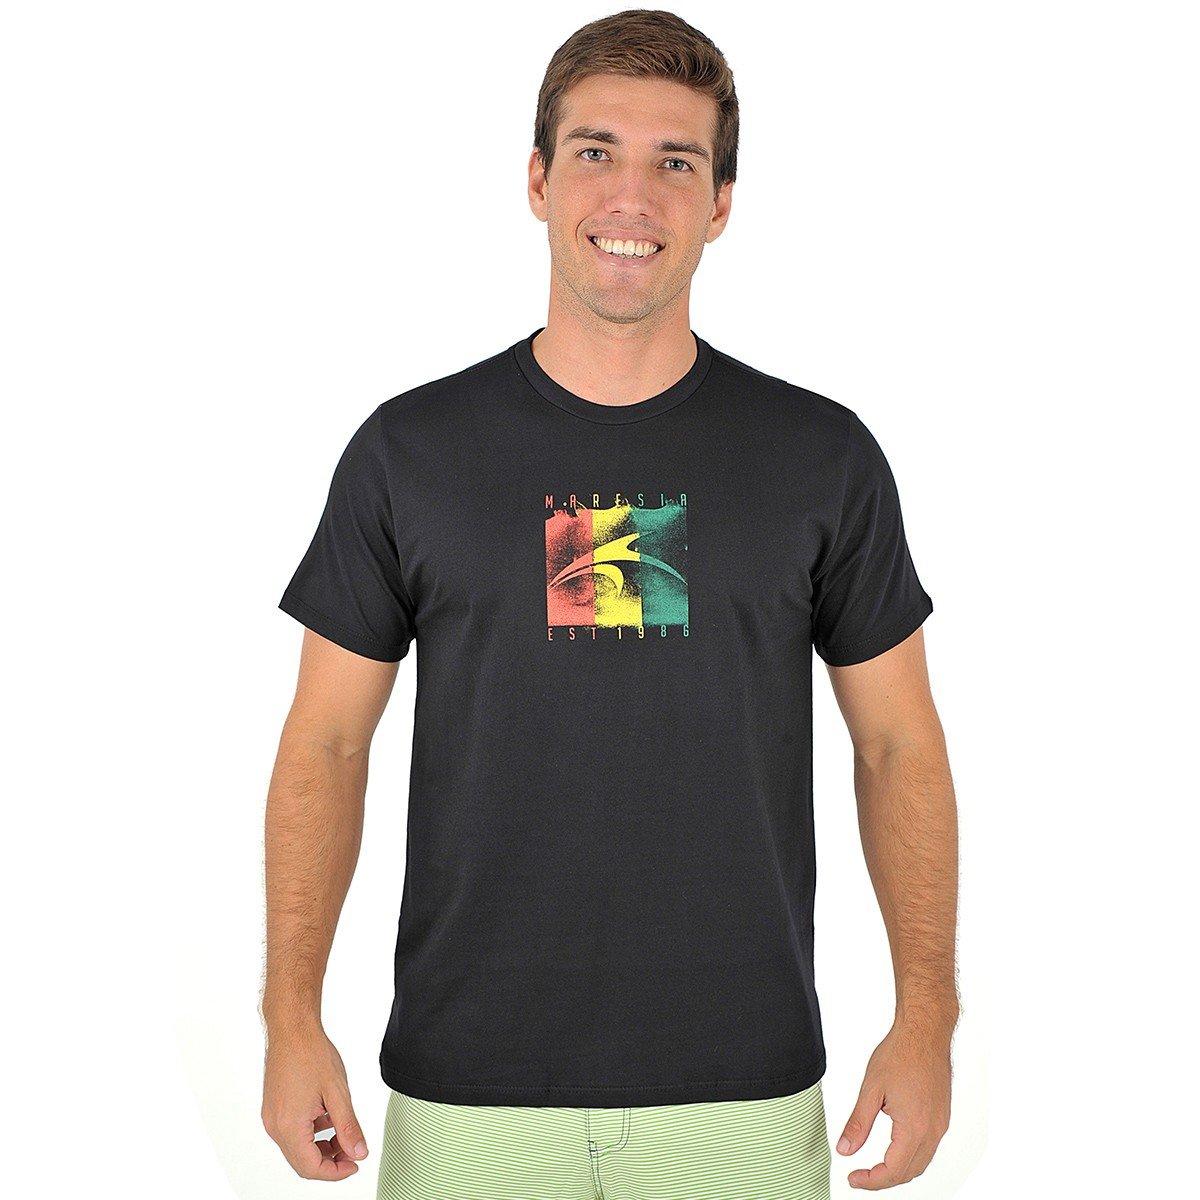 d67193371c Camiseta Maresia Reggae | Zattini